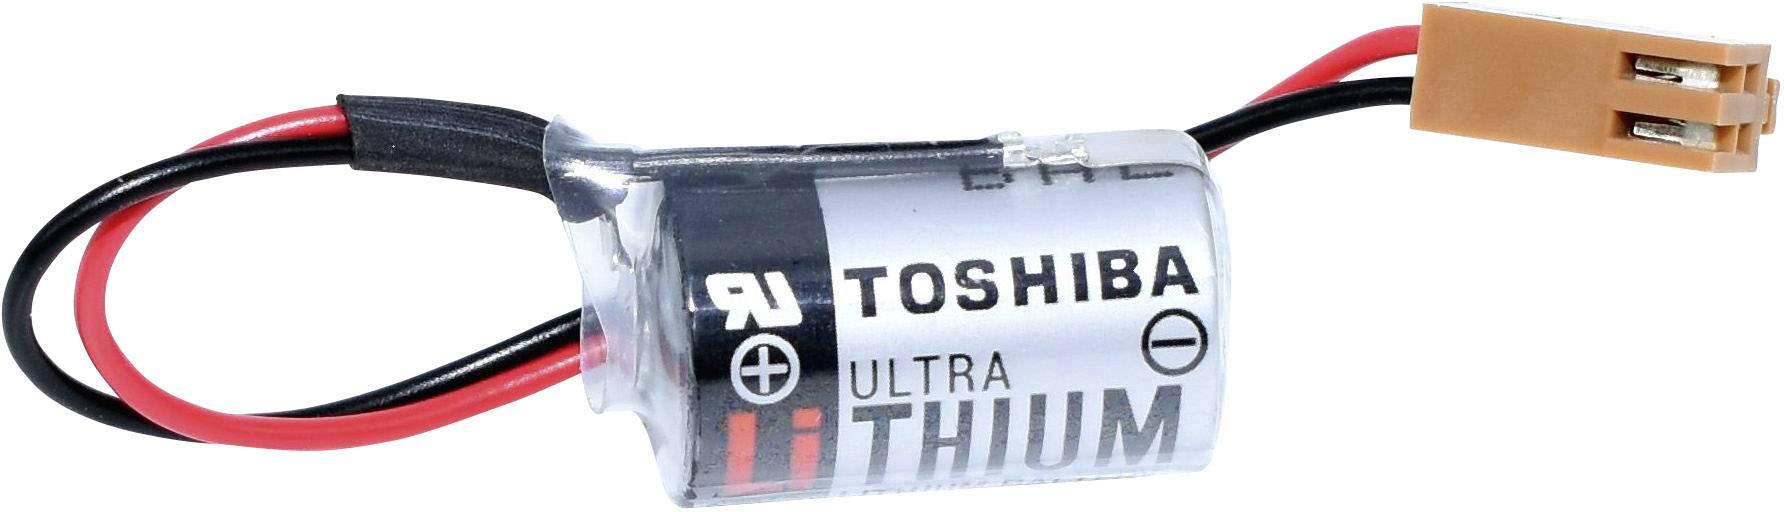 Špeciálny typ batérie so zástrčkou lítium, Beltrona Fuji Micrex-F/SX Saft, 1200 mAh, 3.6 V, 1 ks